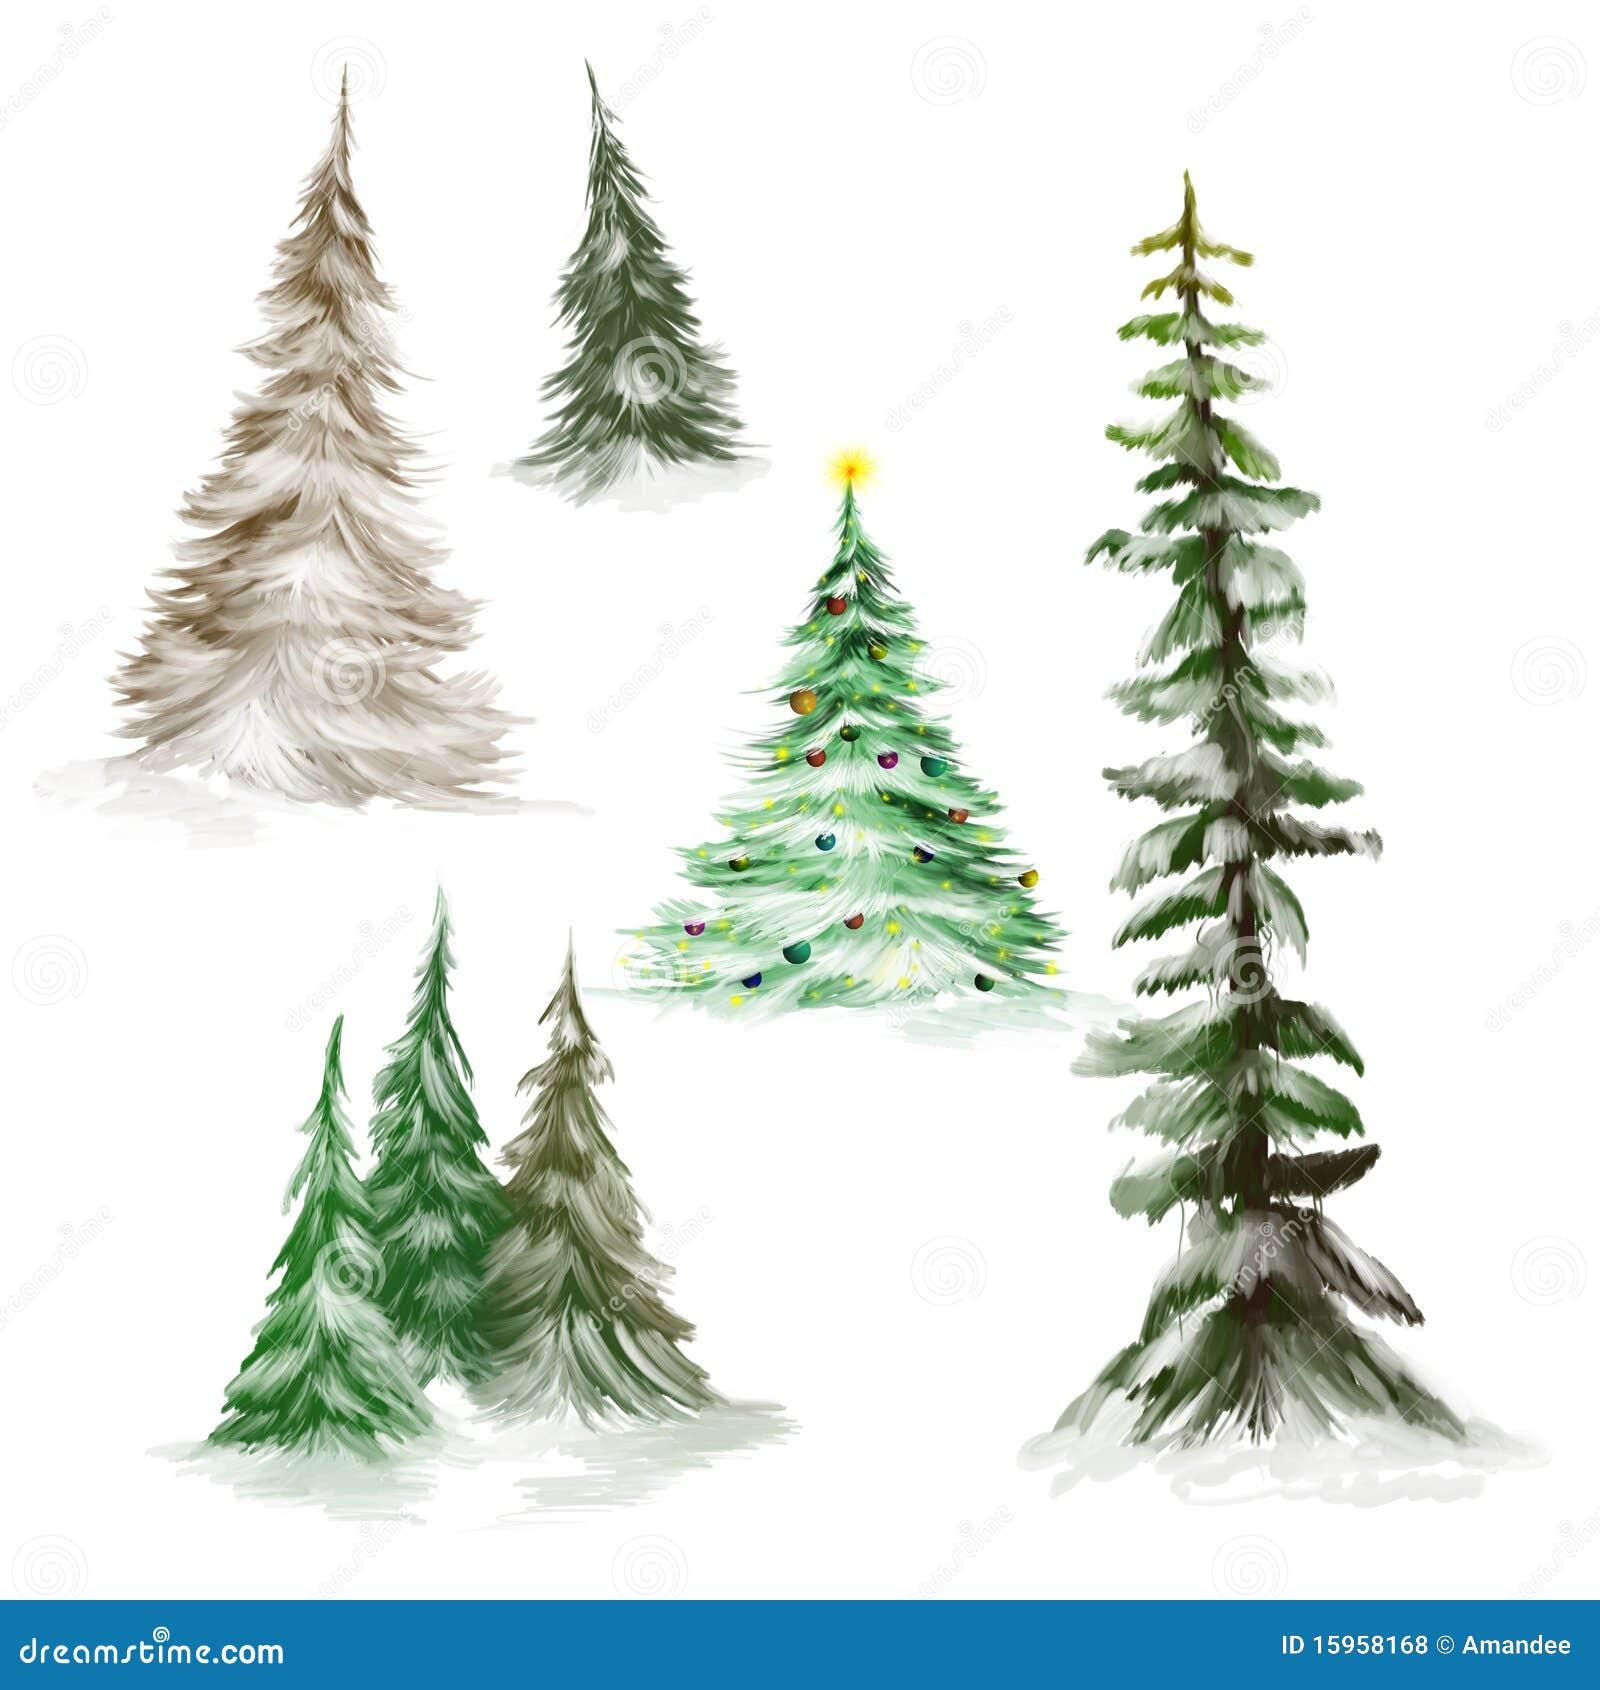 Vintage Pine Tree Illustration